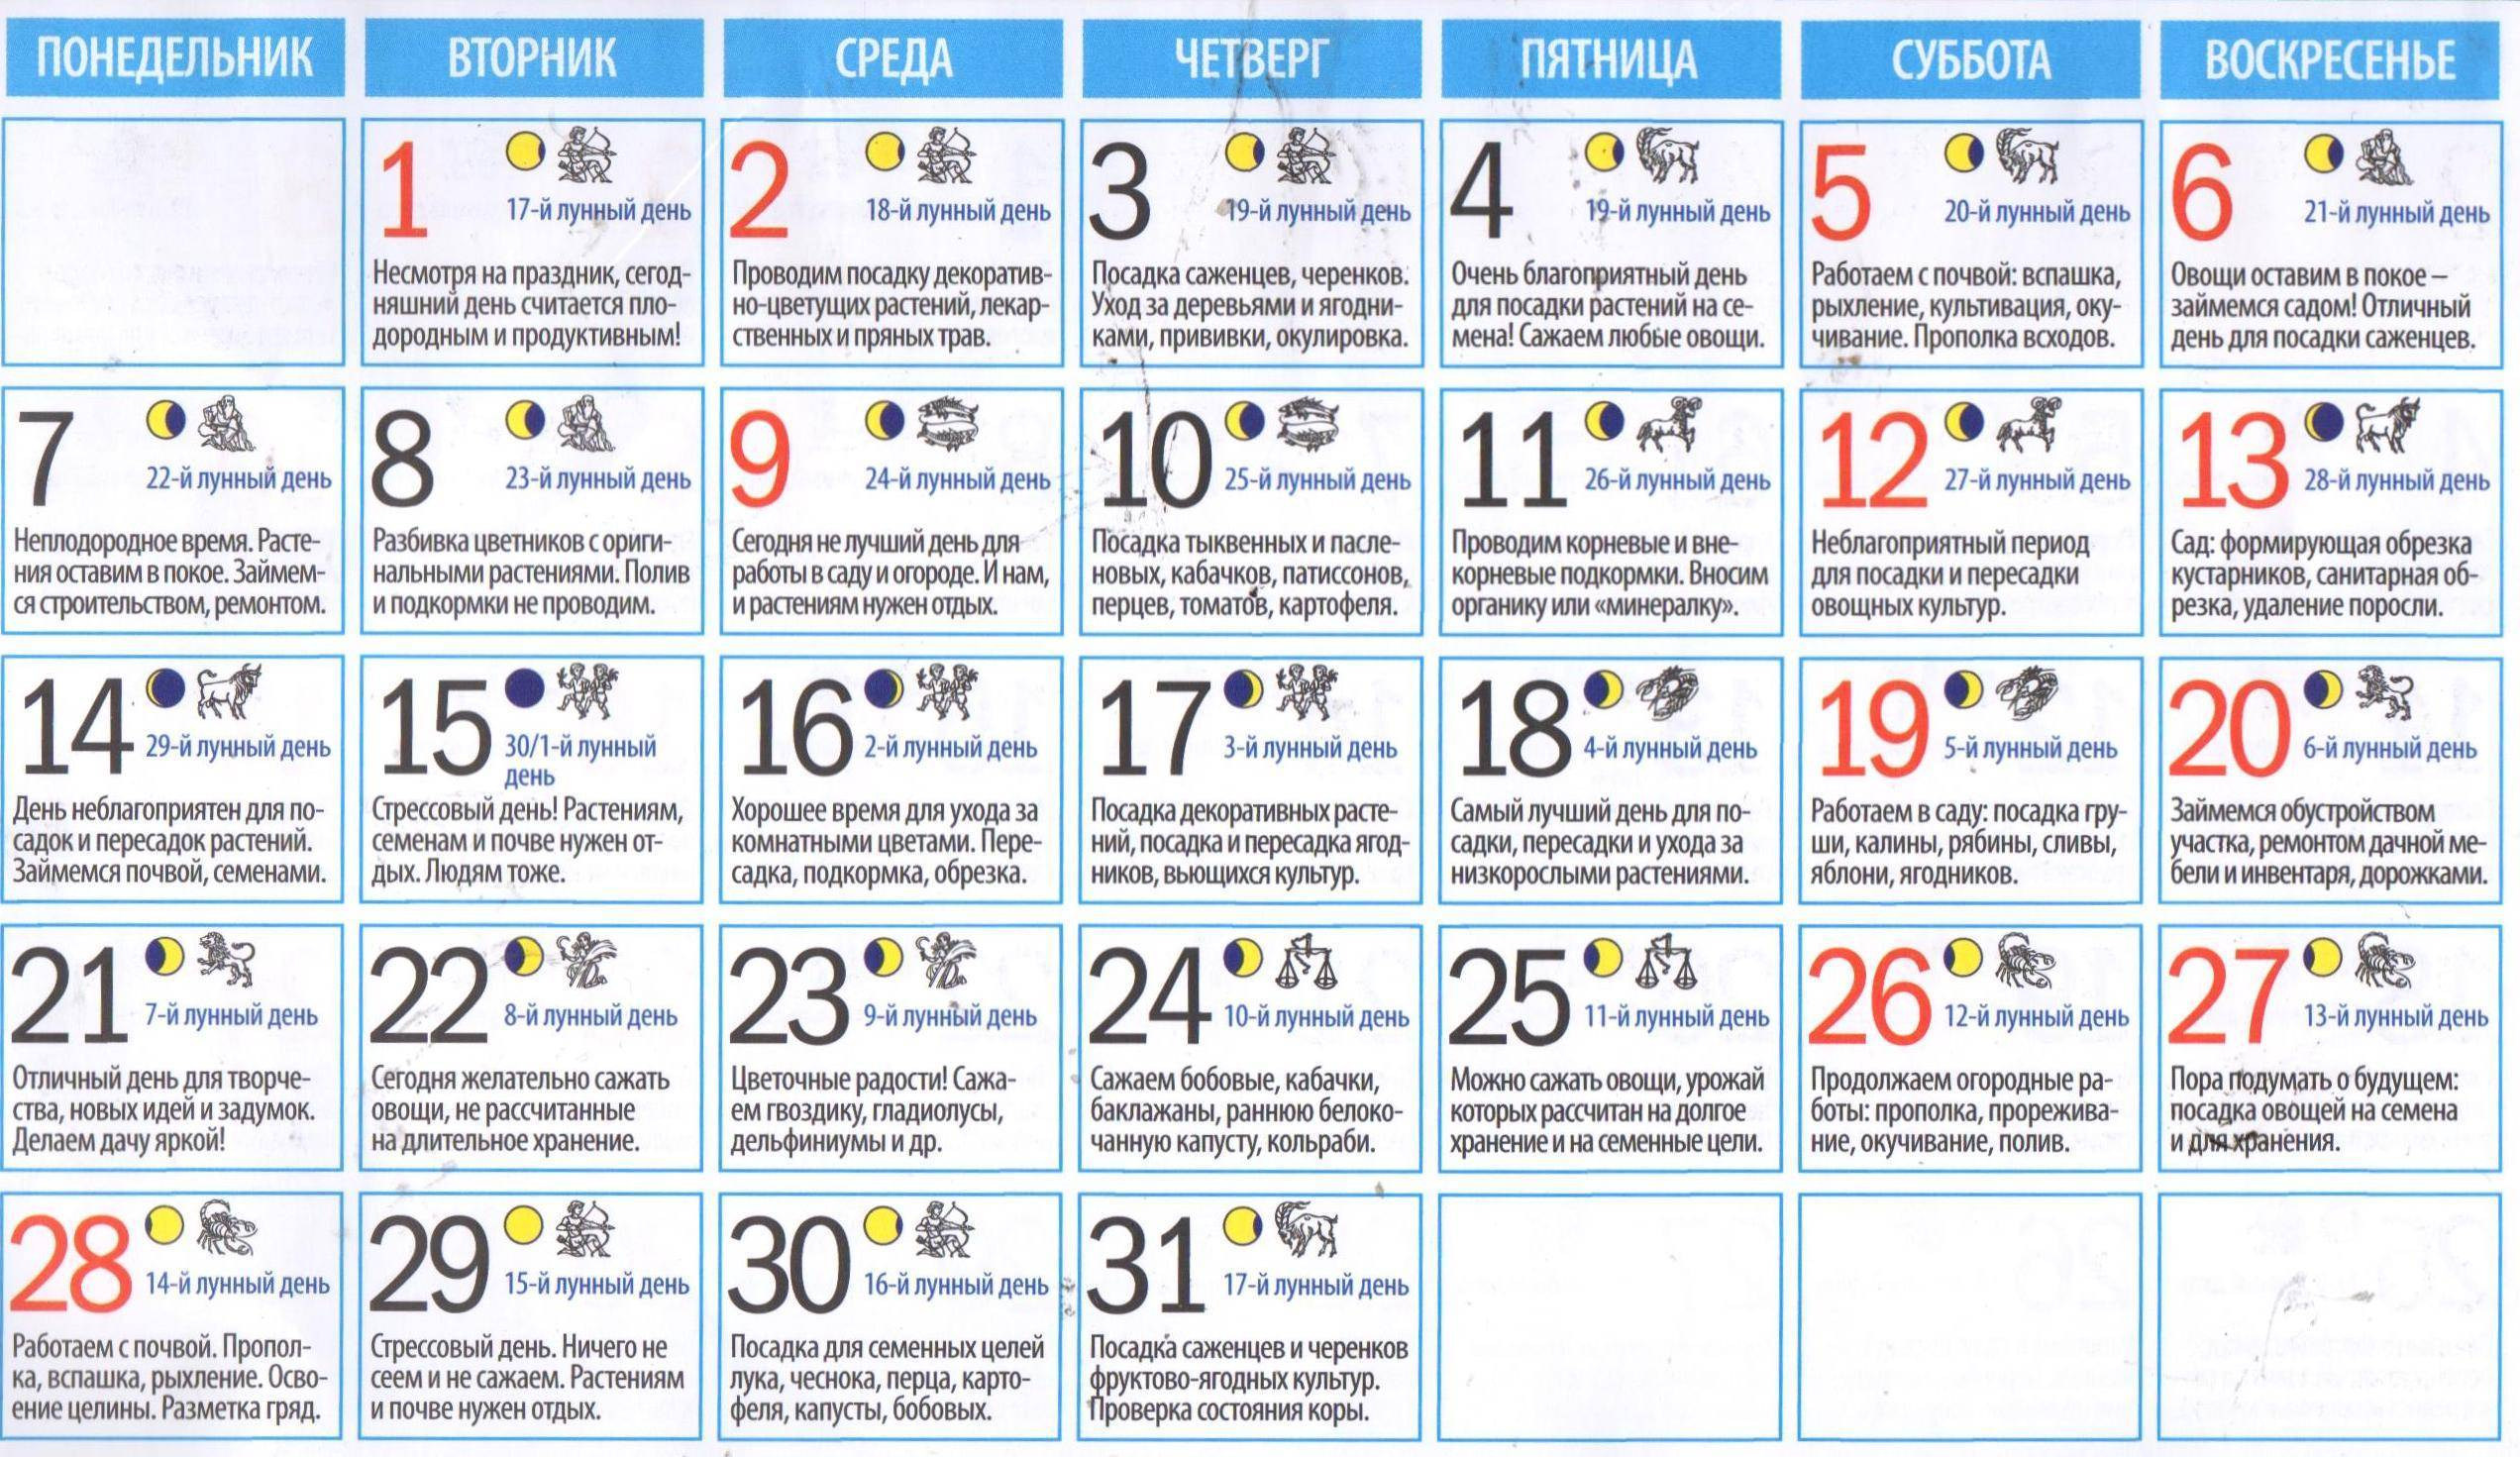 Благоприятные дни для посадки в мае 2020 — шпаргалка для огородника!